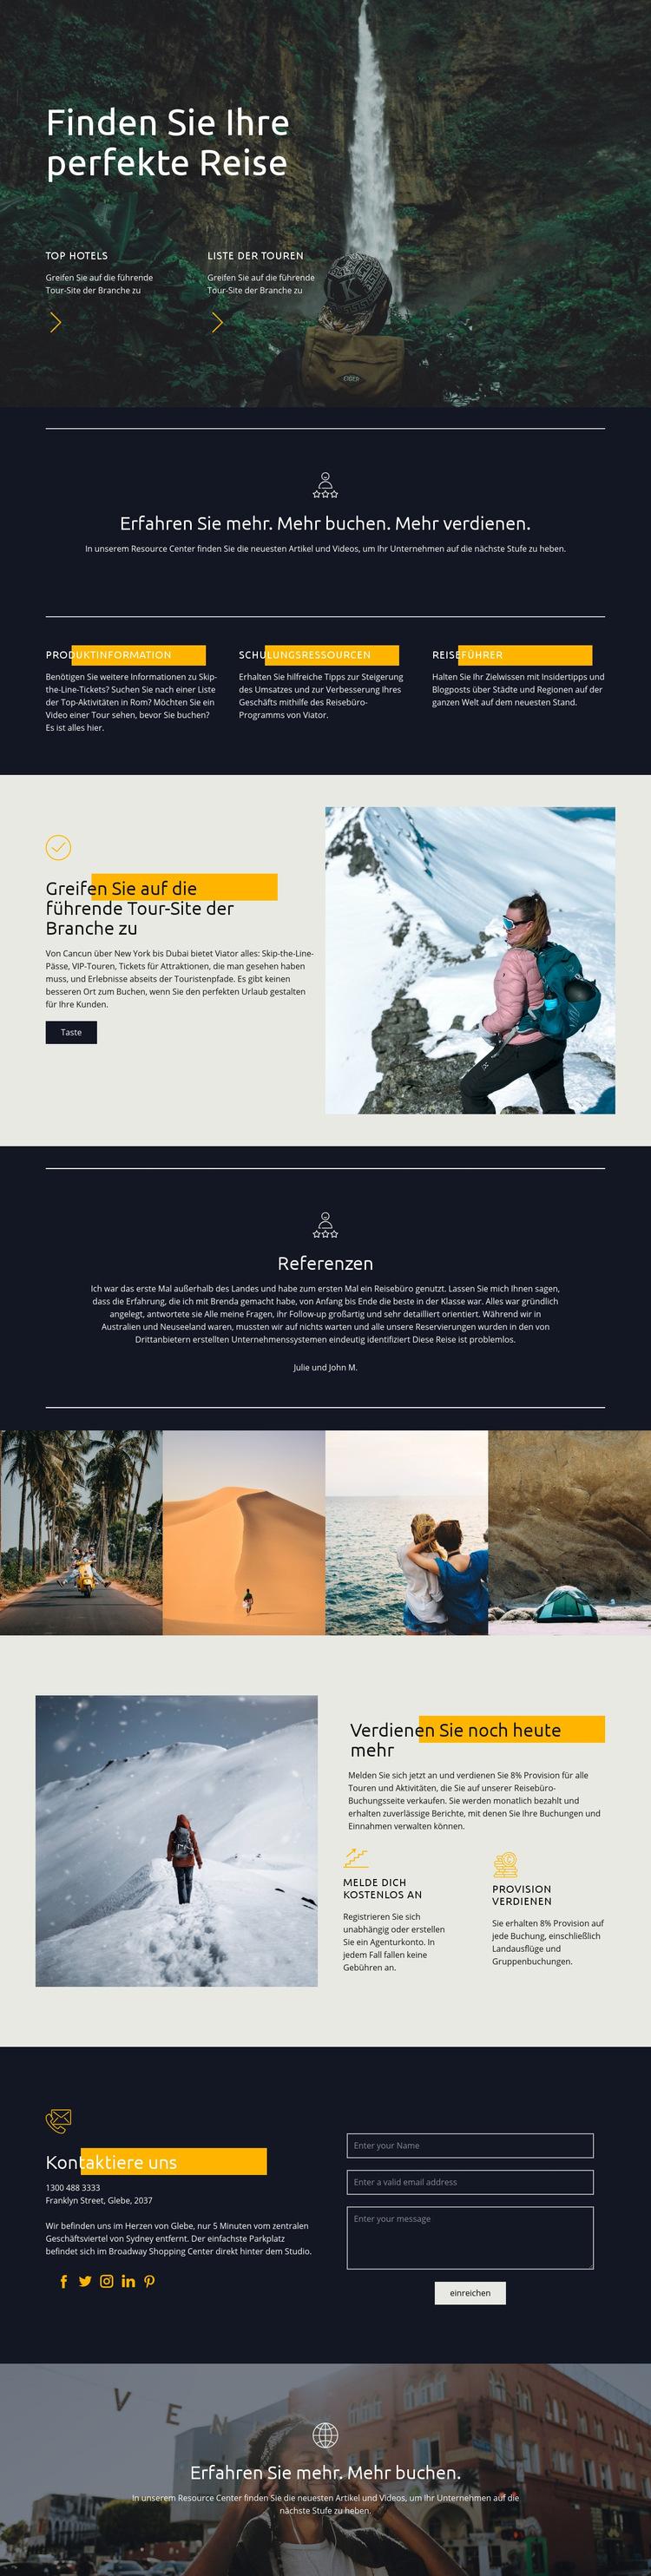 Finden Sie Ihre perfekte Reise Website-Vorlage